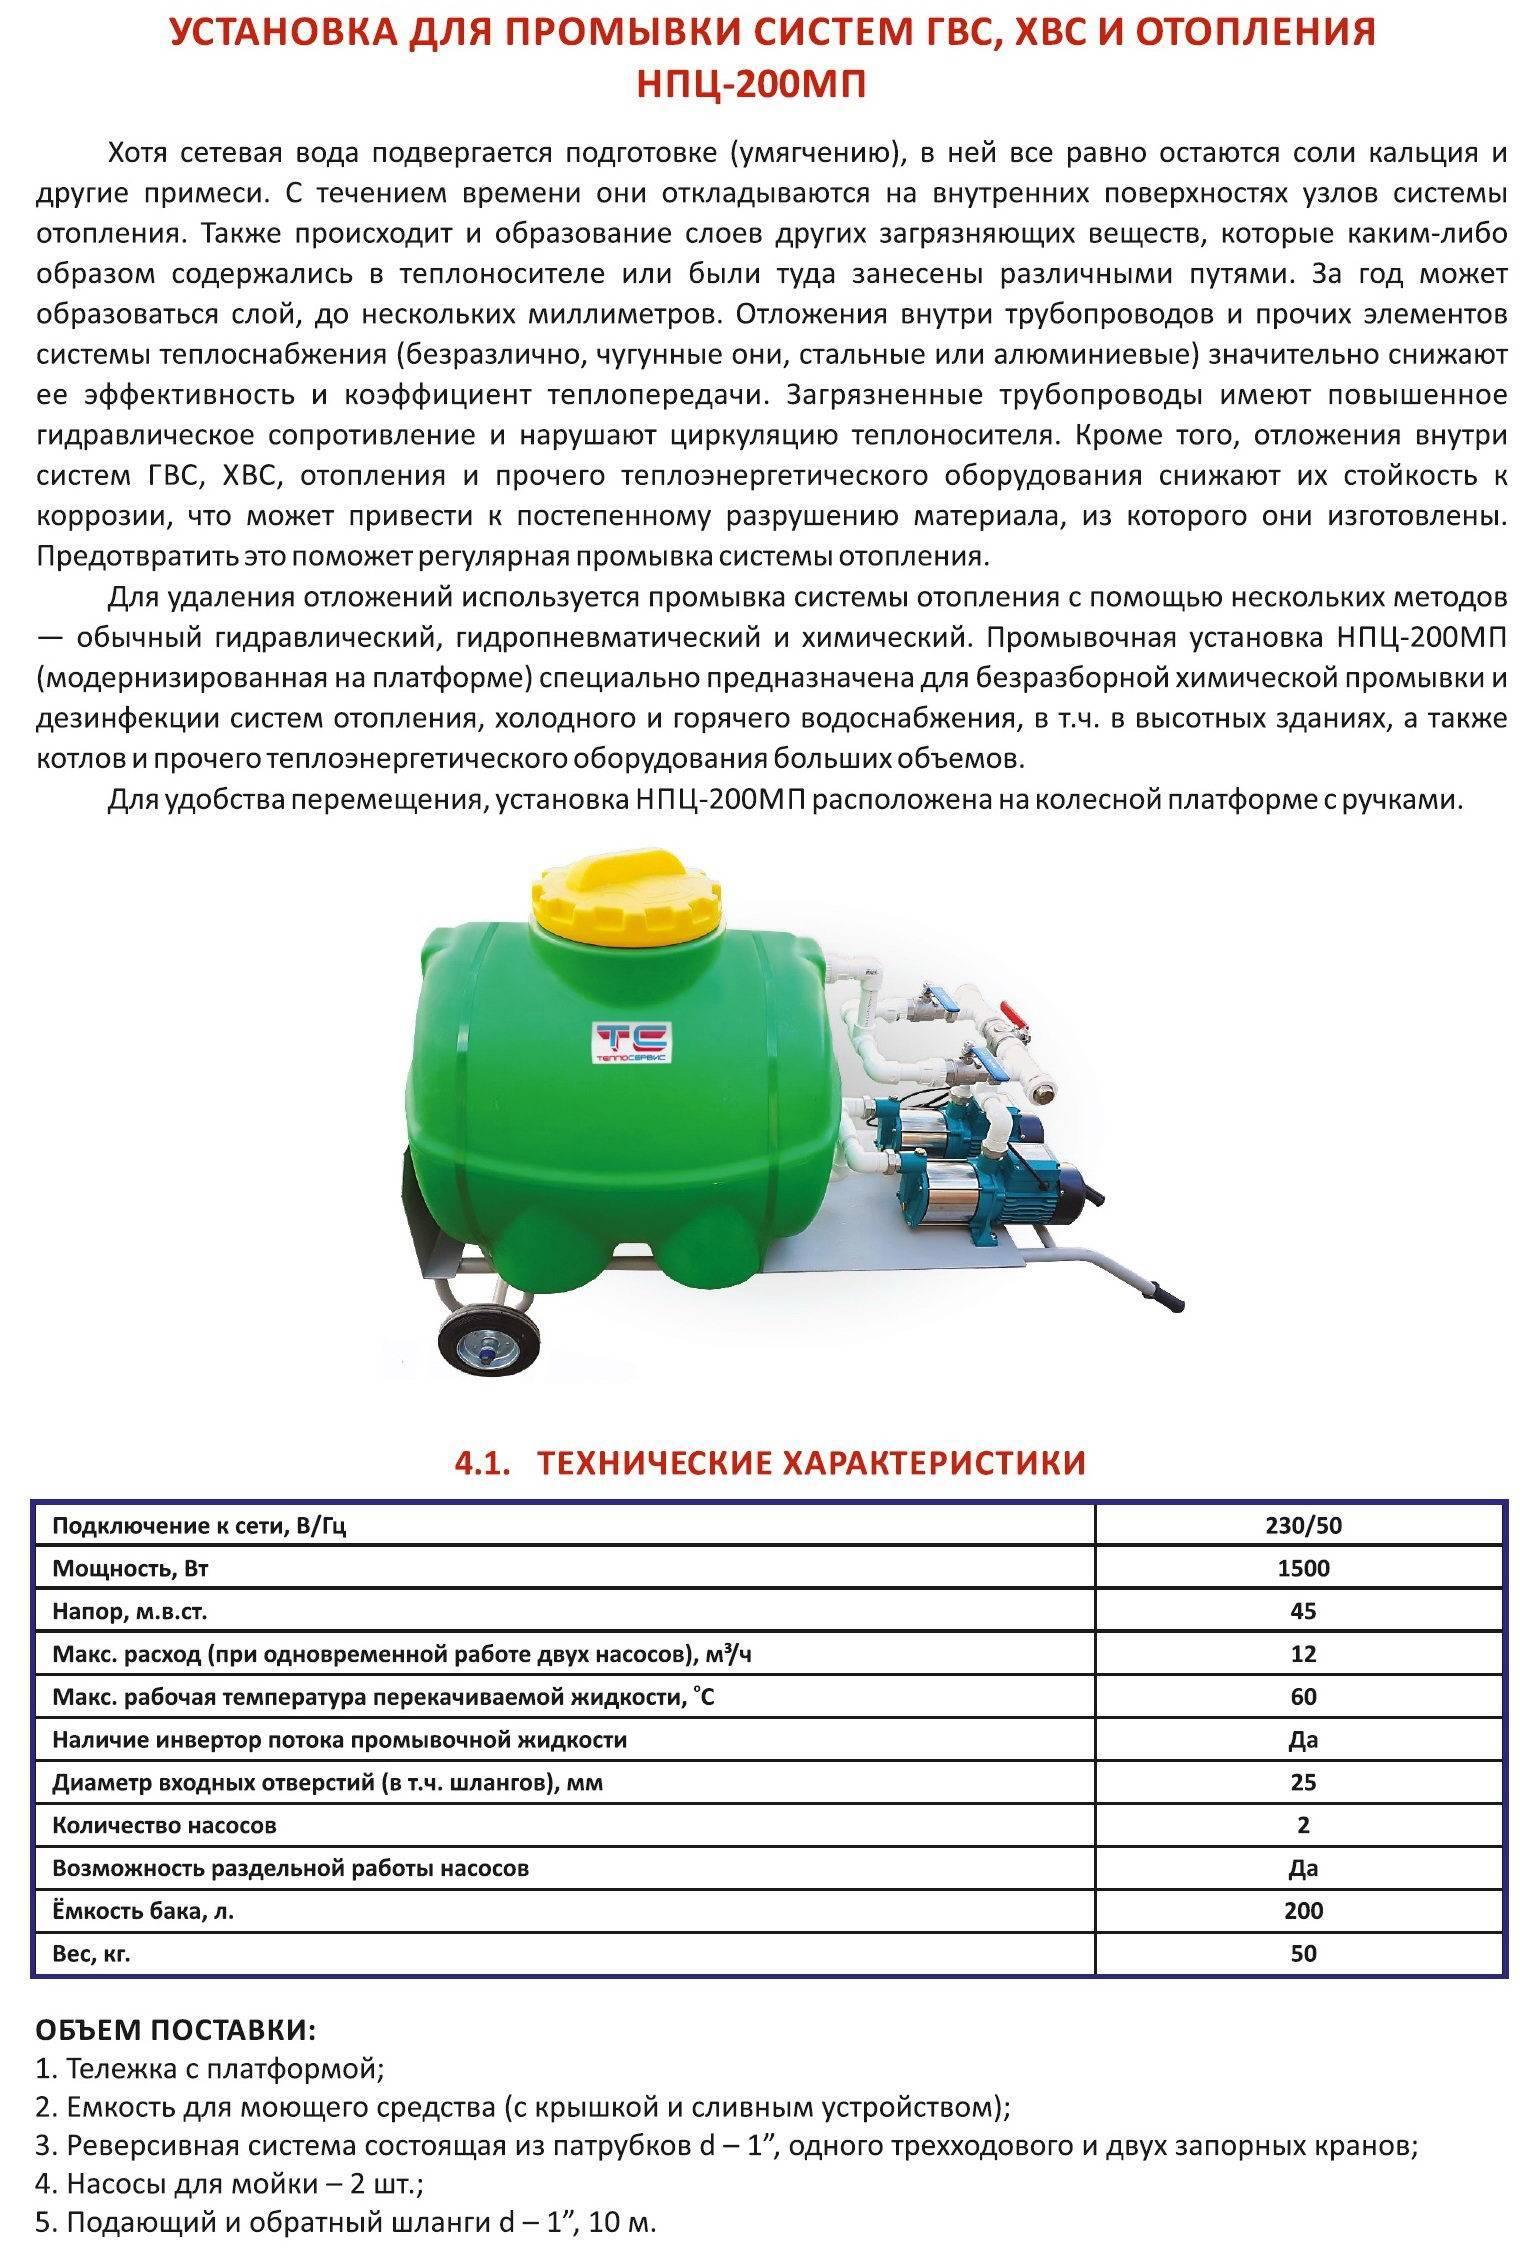 Гидропневмопромывка и гидропромывка систем отопления — инструкция гидропневматической промывки на фото и видео